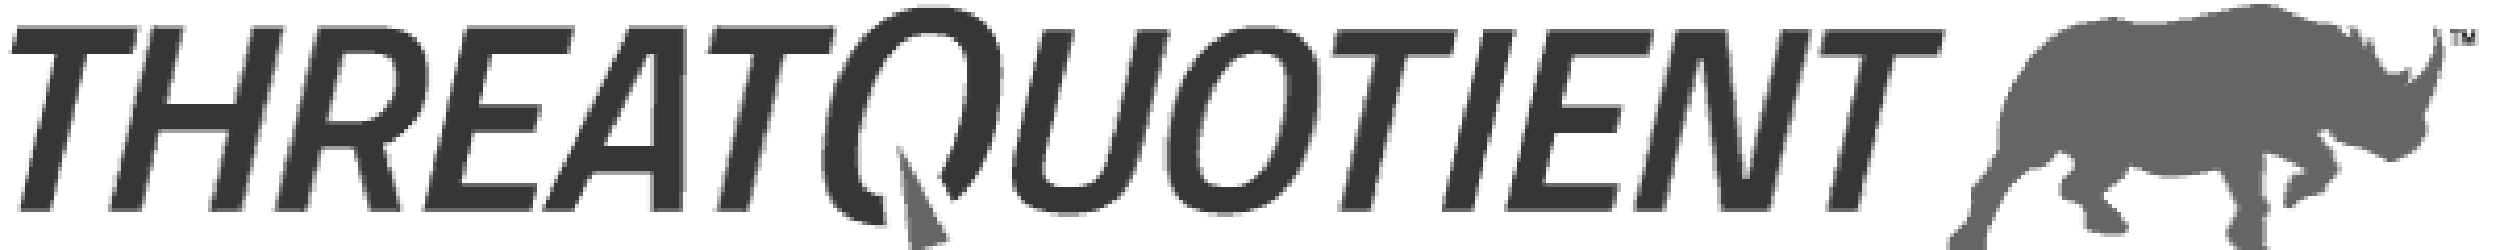 Threatquotient-logo-bw